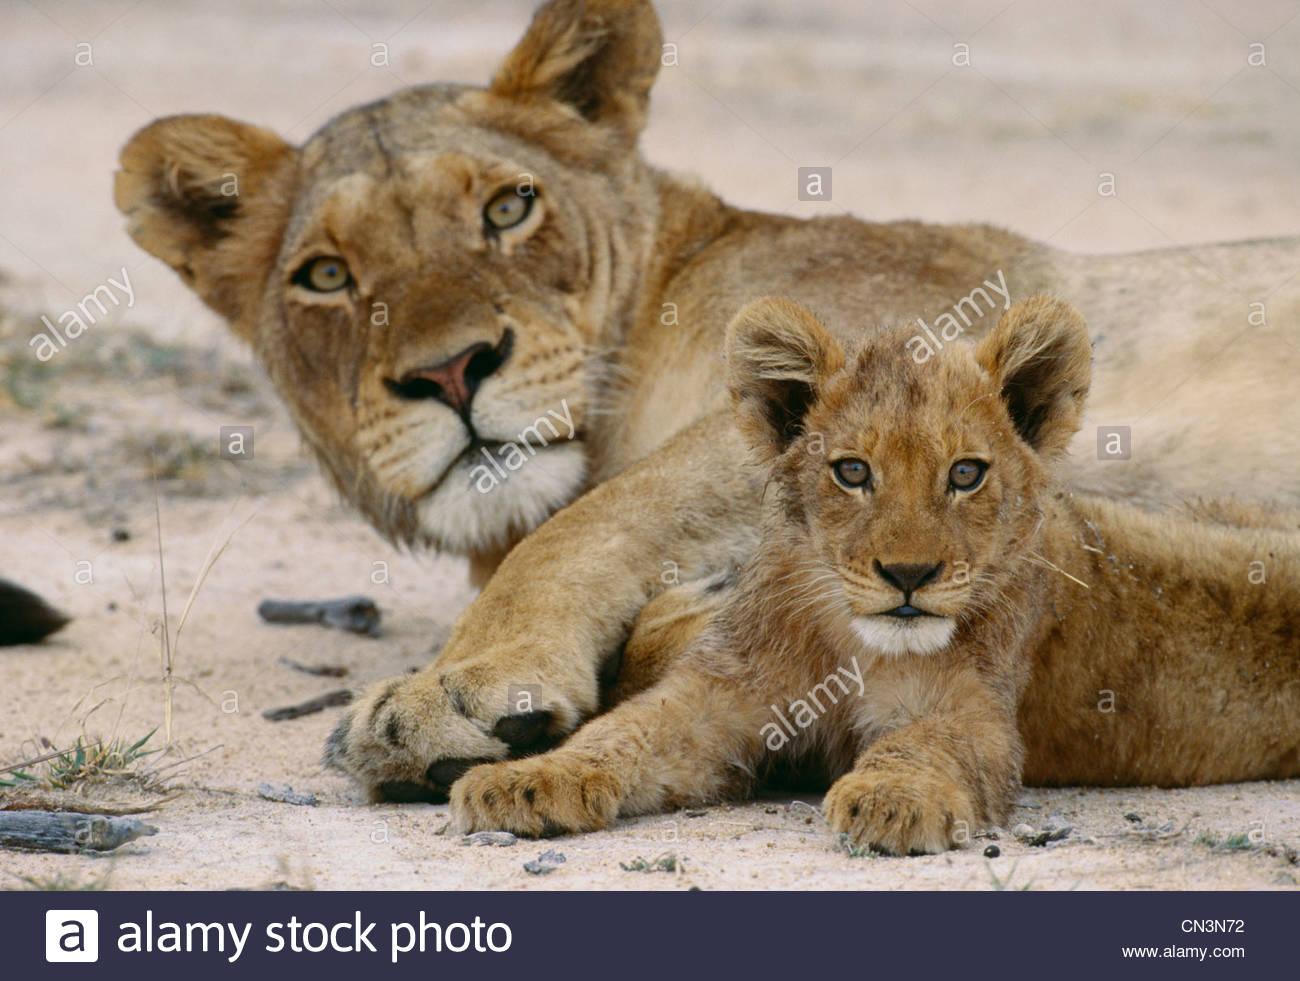 L'African Lion et cub, Kruger National Park, Afrique du Sud Photo Stock